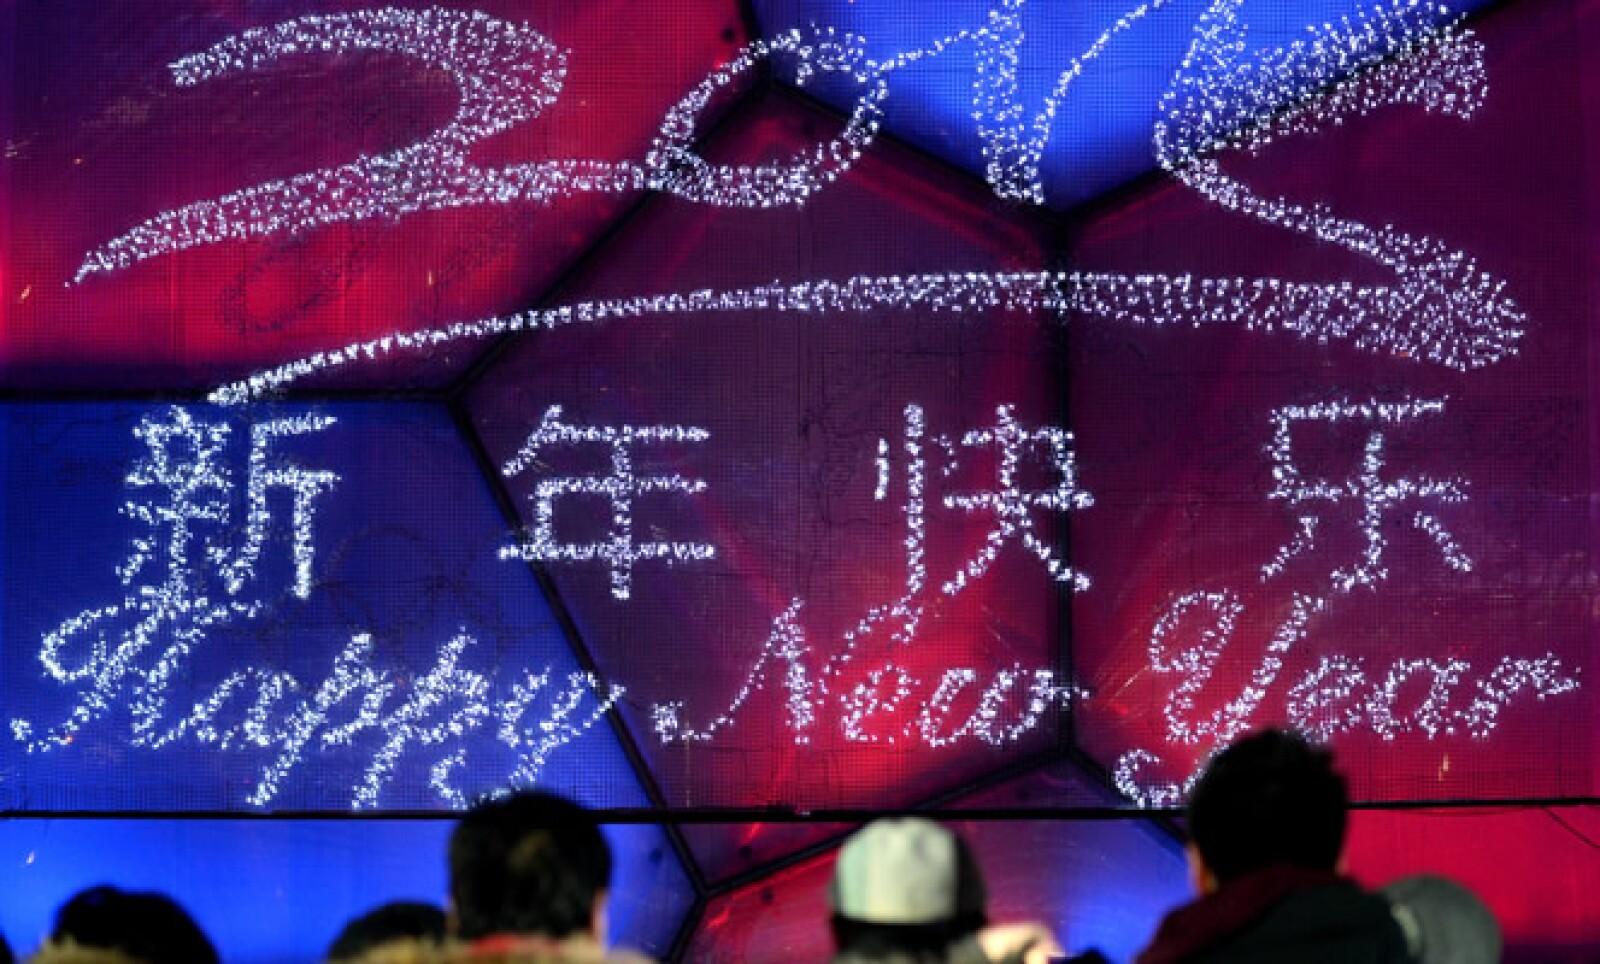 El gigante asiático celebró en todo el país. En Beijing la cuenta regresiva se realizó en el Parque Olímpico, donde deportistas locales se unieron a miles de personas.